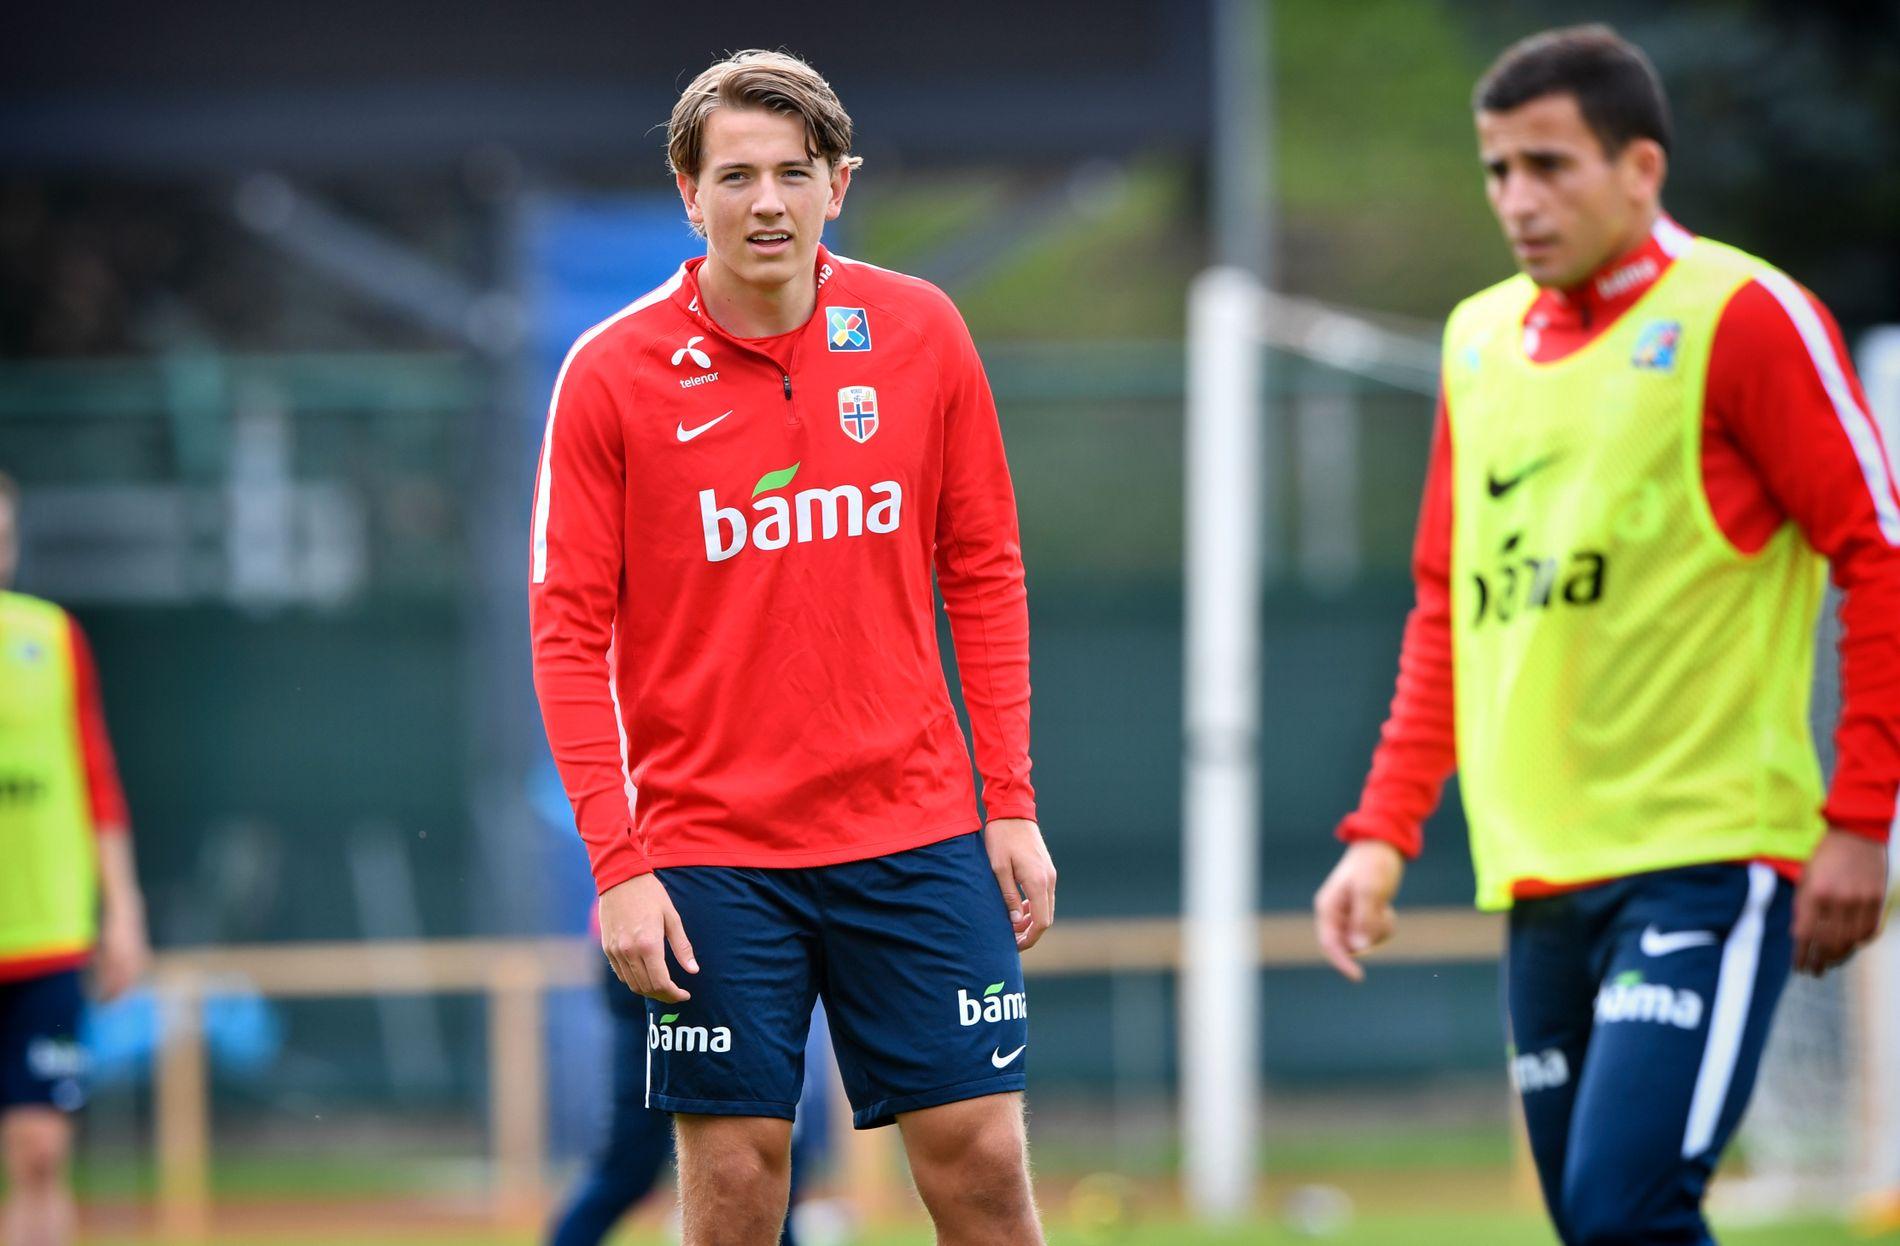 SKADET: Sander Berge er ute med skade og ikke med i den norske landslagstroppen. Her fra trening før kampen mot San Marino i oktober.